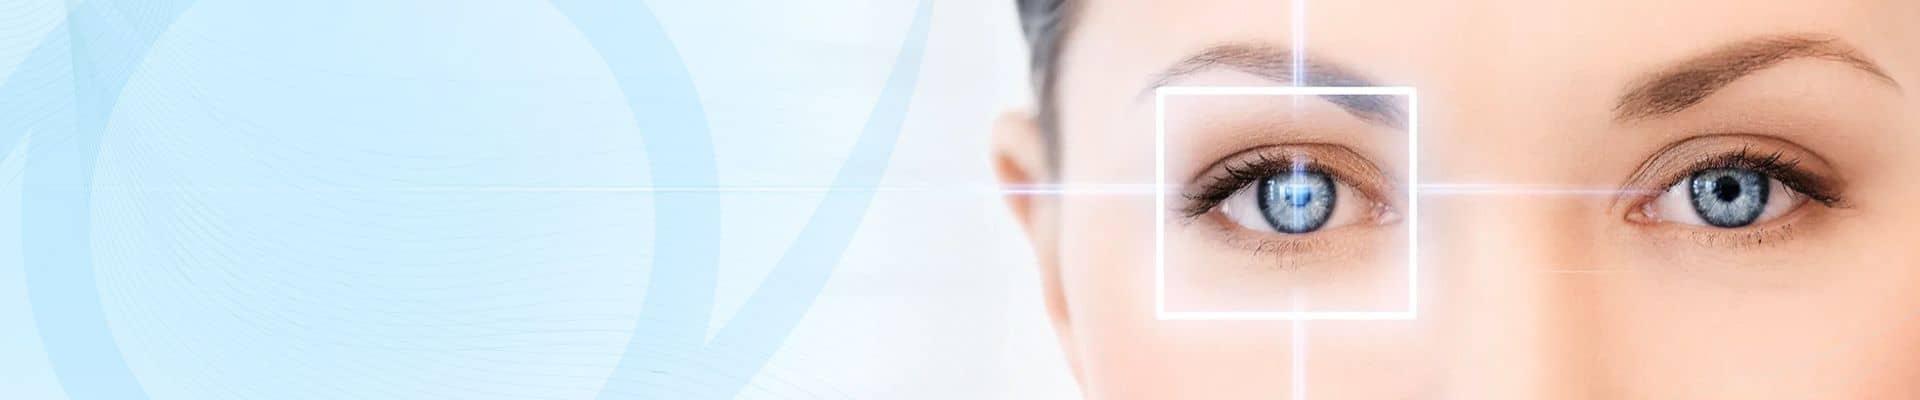 látásélesség kezelése